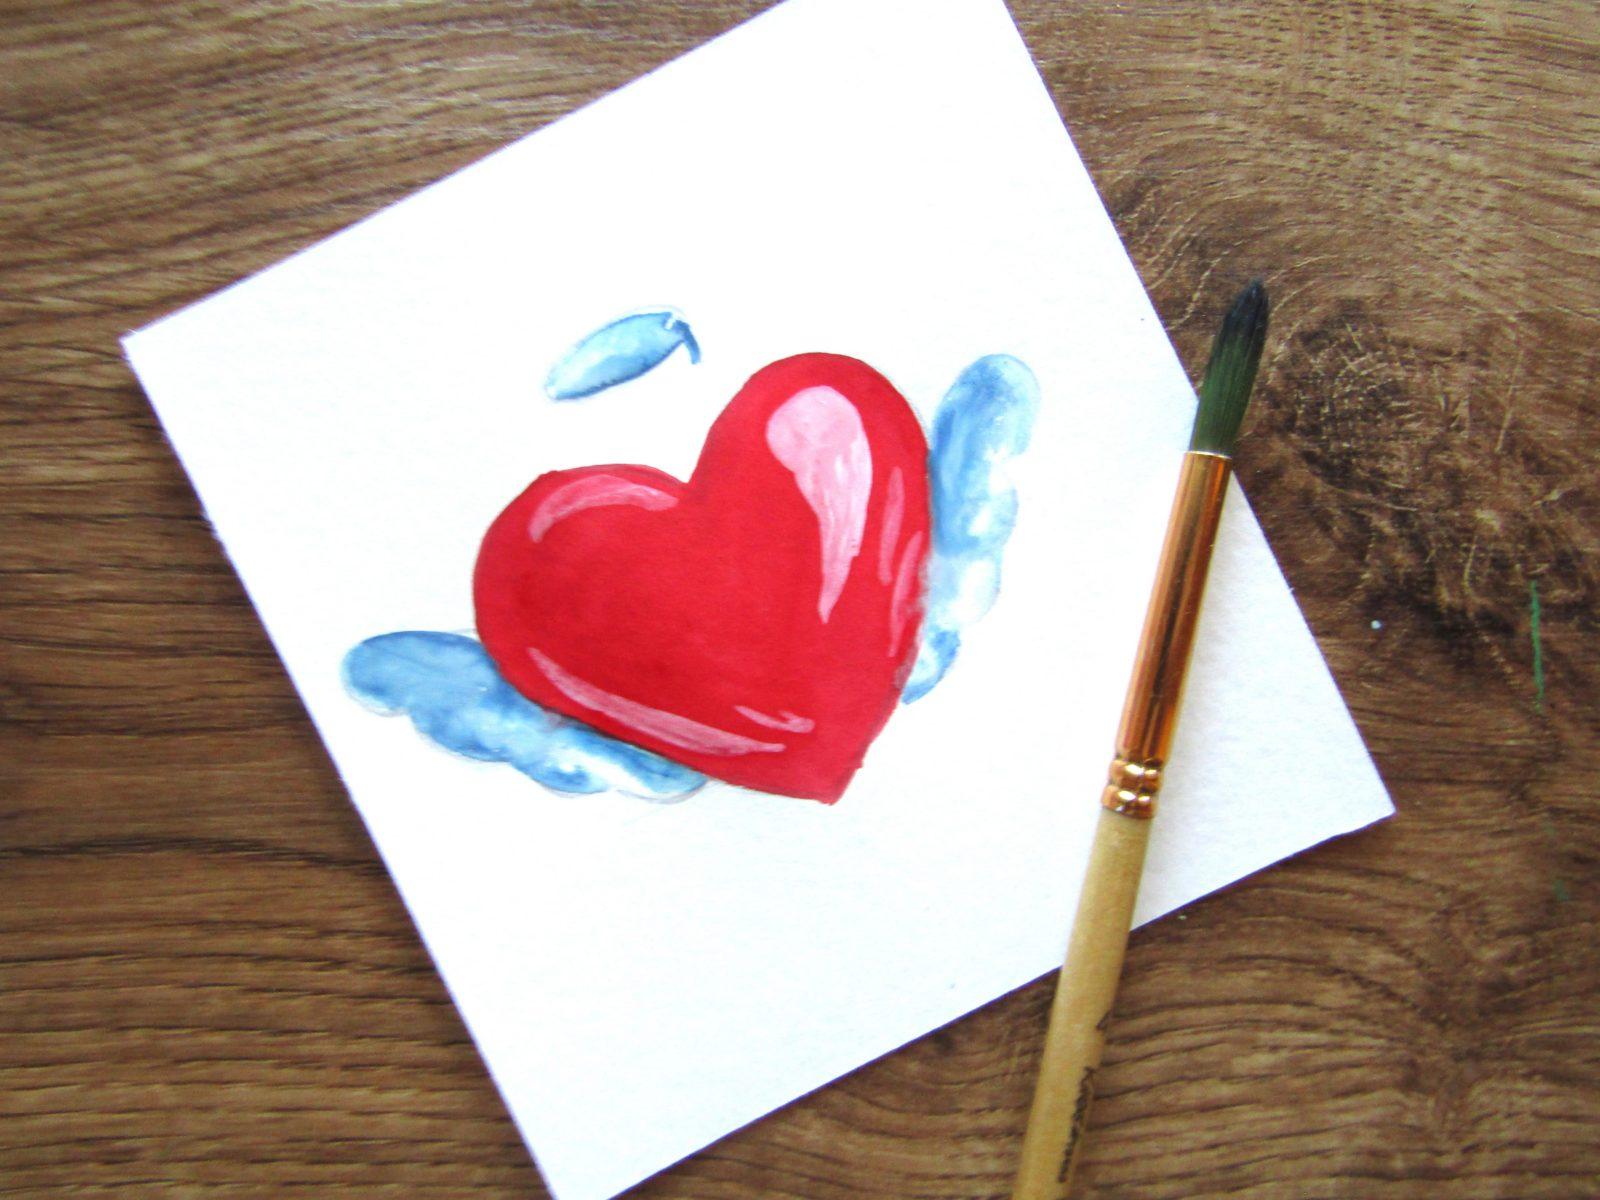 Как нарисовать сердечко гуашью - 8